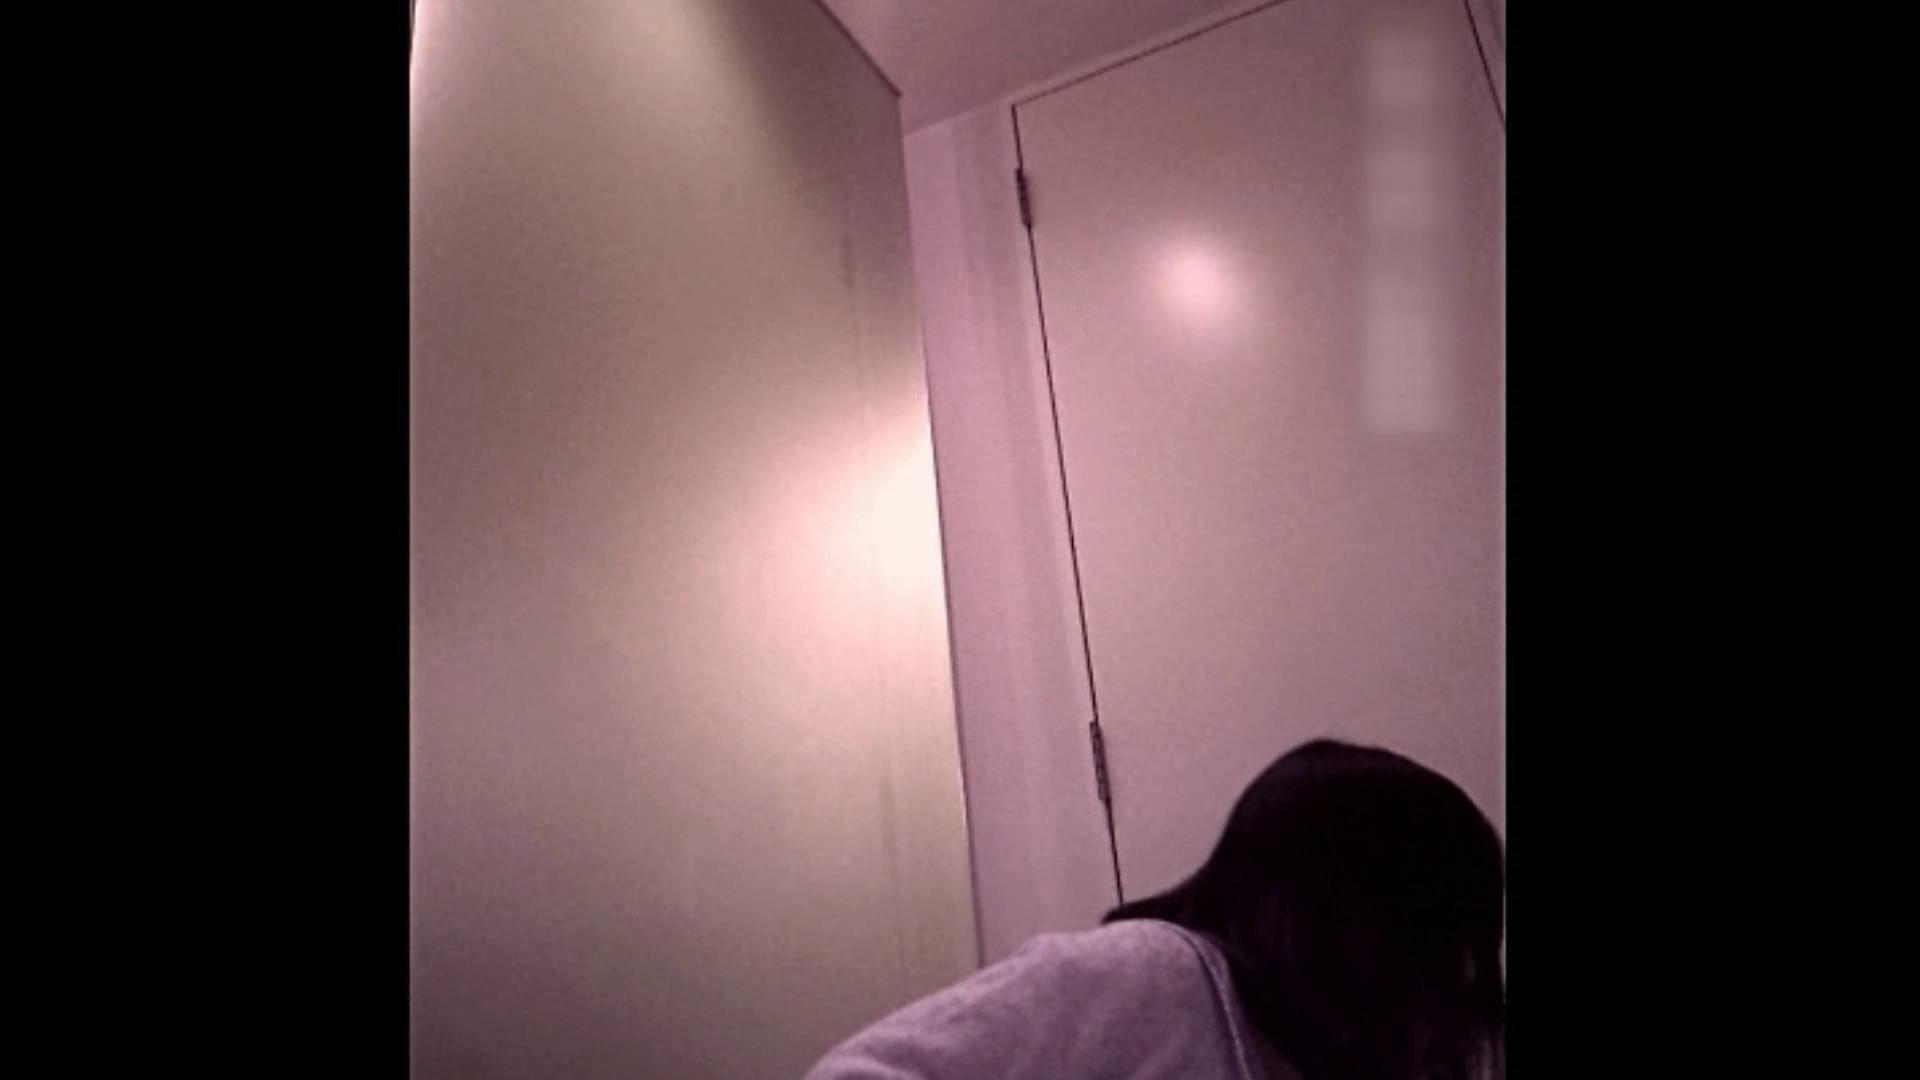 ▲復活限定D▲禁断塾講のおしえ子(シリーズⅢ)あみちゃん  Vol.23脱衣編 ホテル   美肌  51画像 1